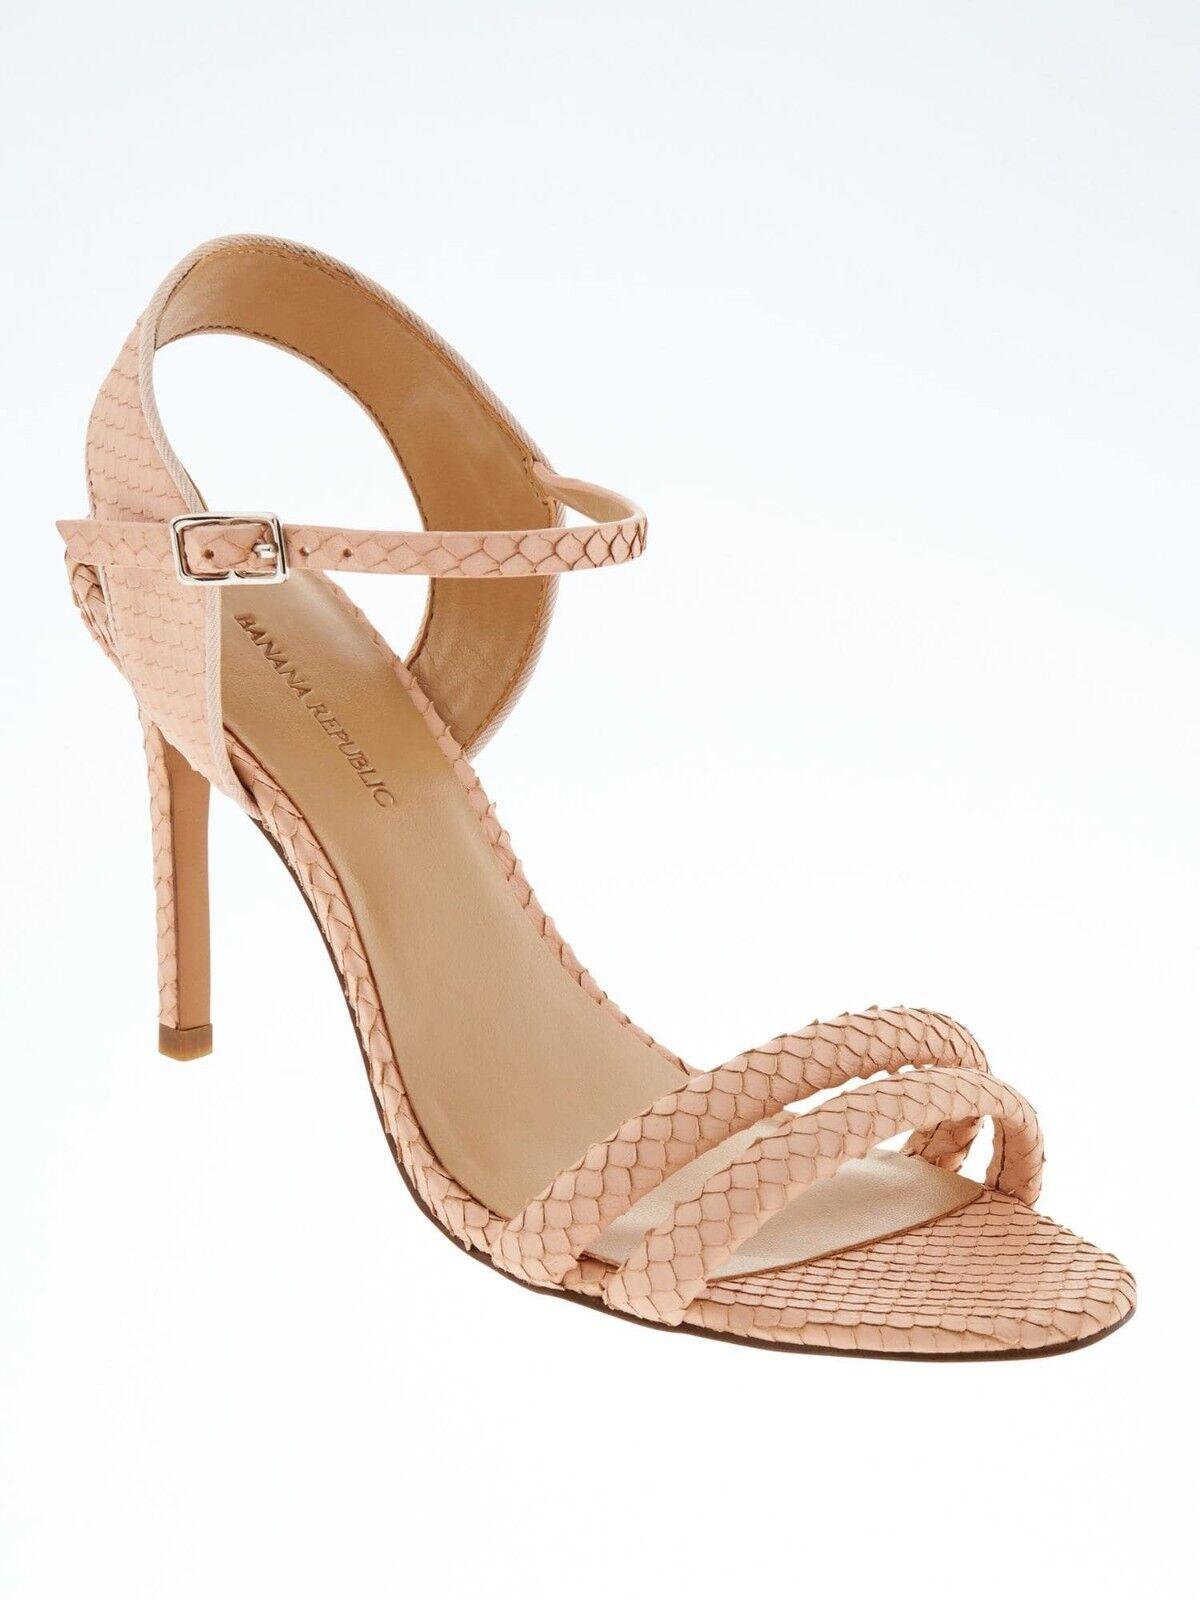 Banana Republic Double Strap High Heel Sandale,Pink blush SIZE 8 M #590352 E121